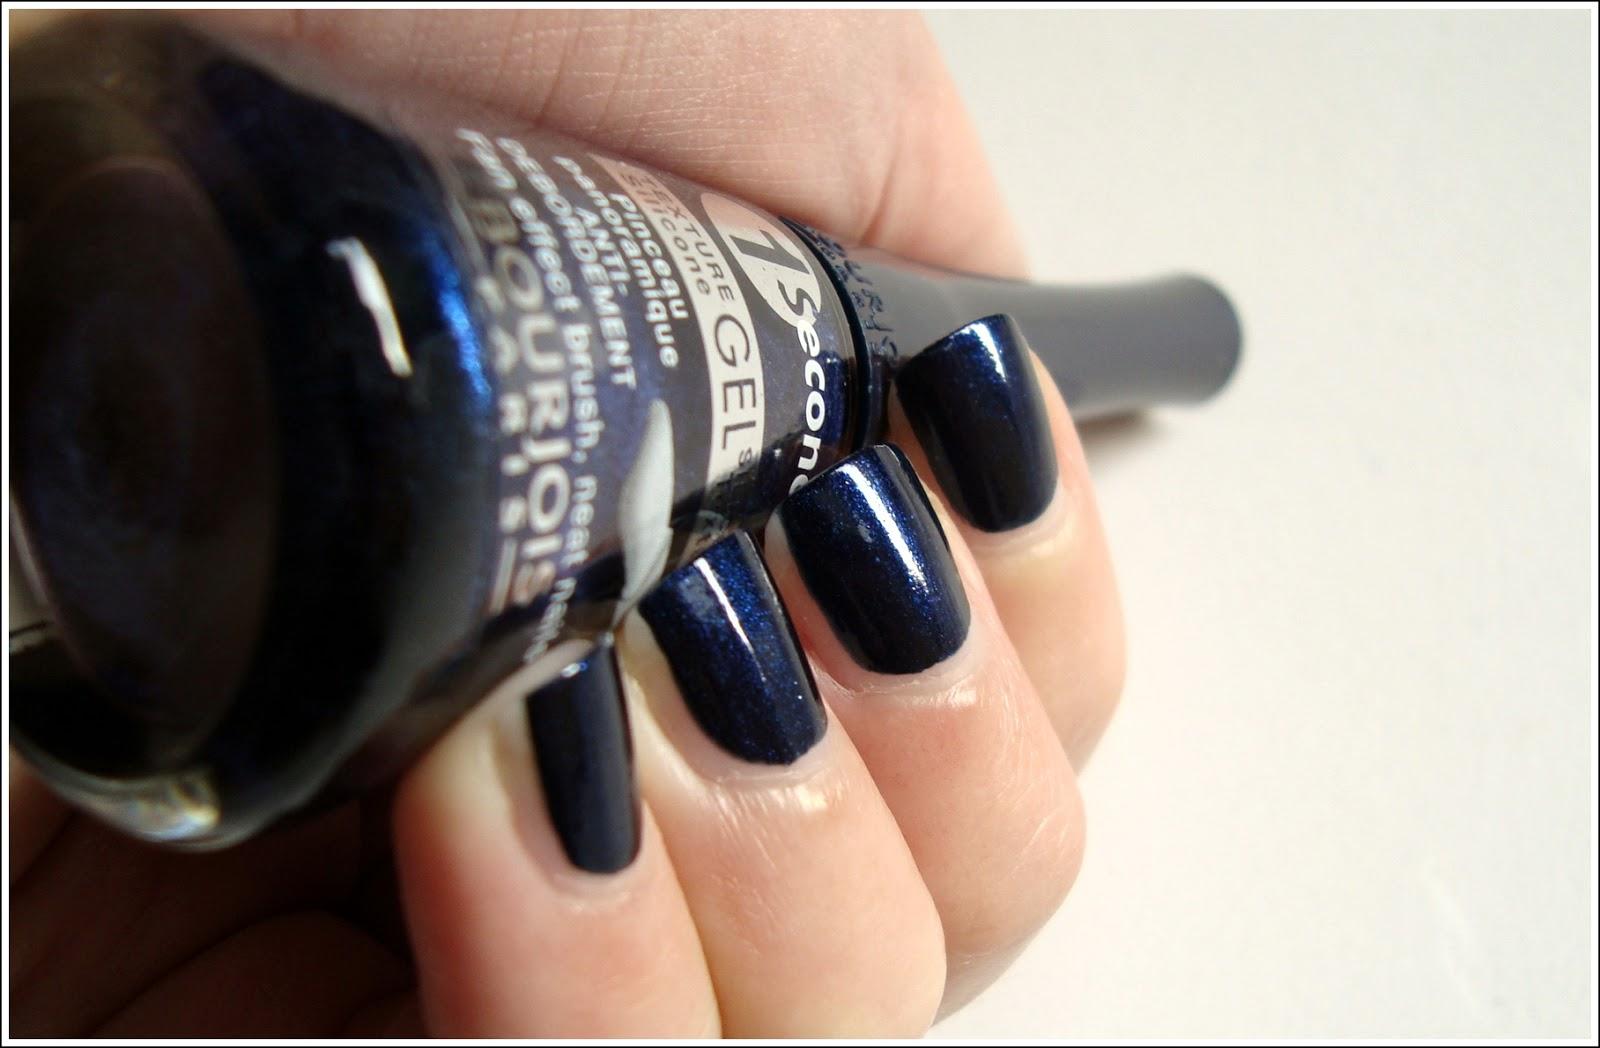 Blue Moonlight de Bourjois {un esmalte azul perfecto} - DoBeauting